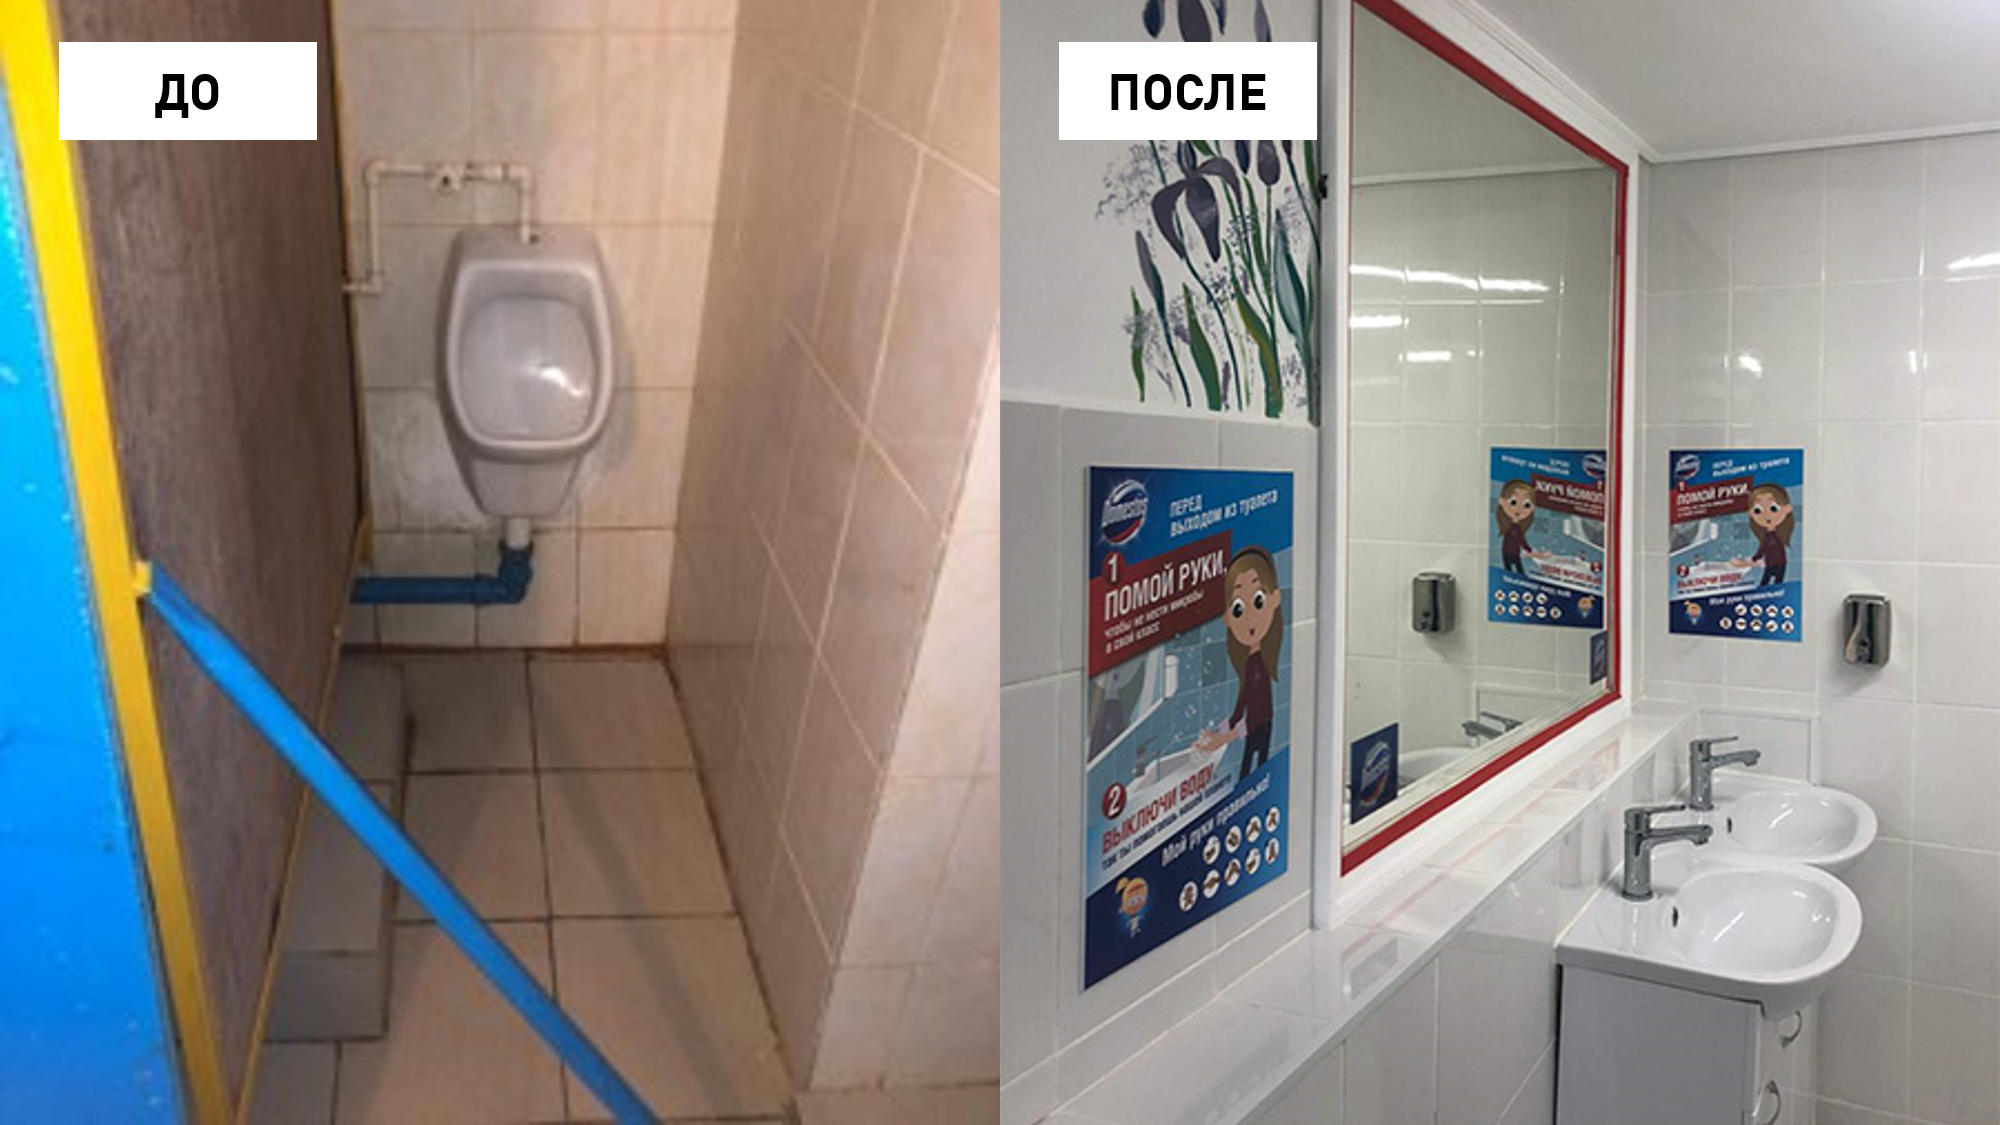 «Понятно, почему Обама гадит в подъездах»: конкурс на самый убитый школьный туалет шокировал россиян